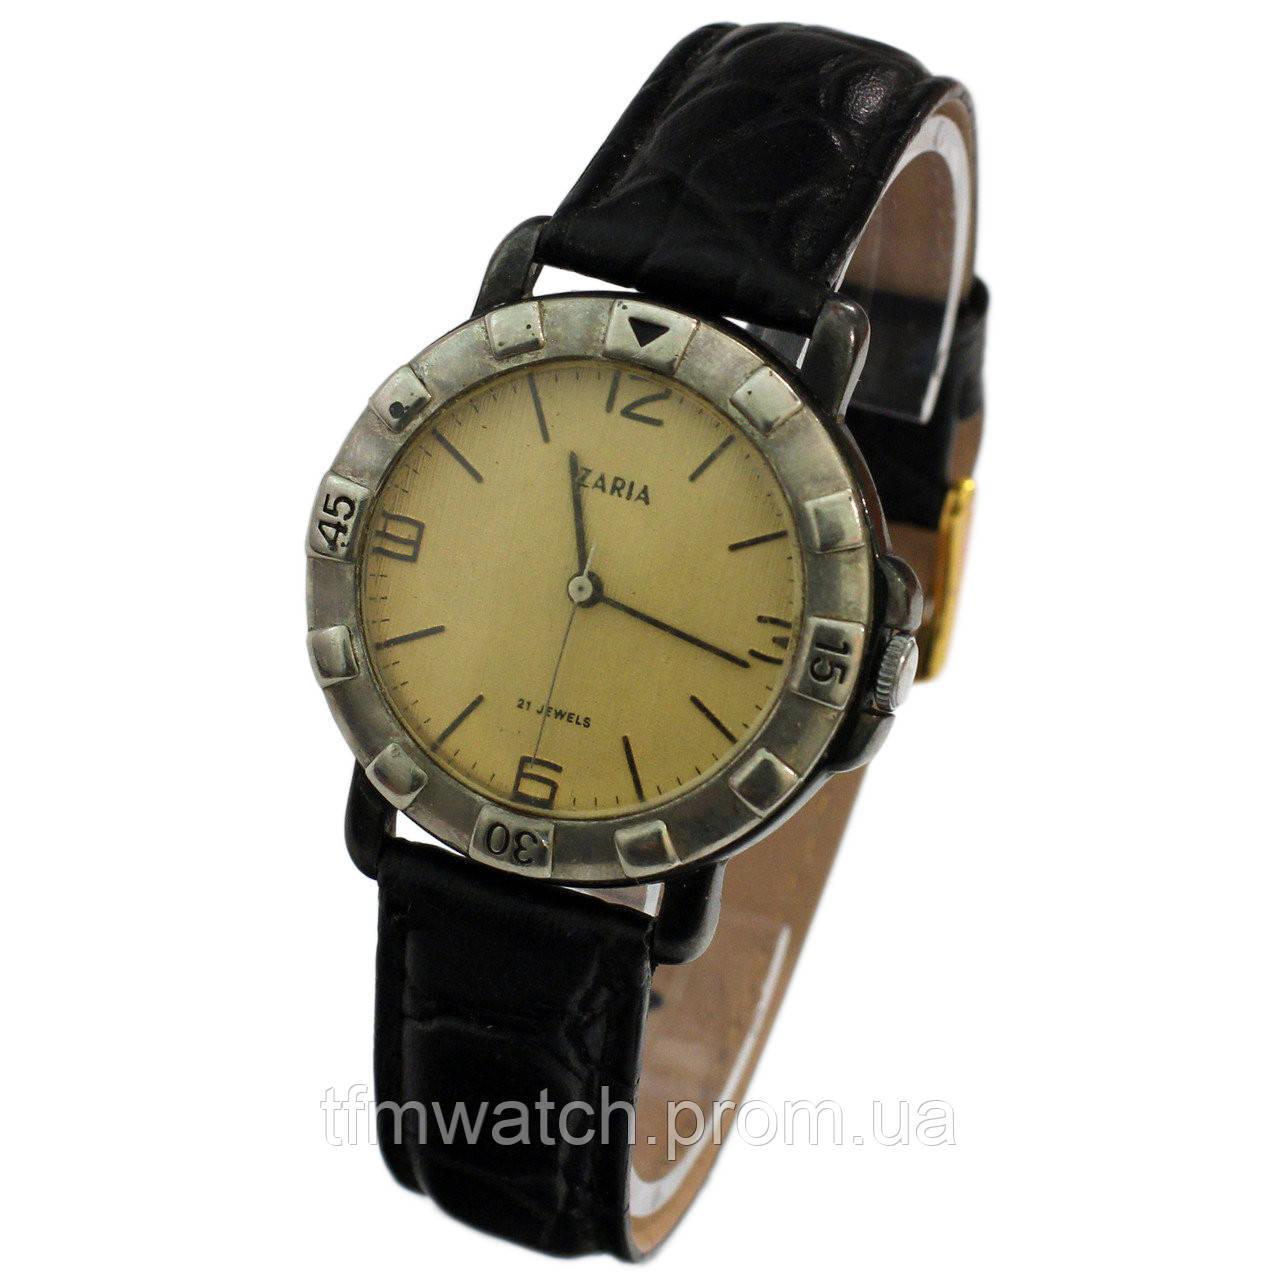 afa8c184 Часы Заря 21 камень - Магазин старинных, винтажных и антикварных часов  TFMwatch в России